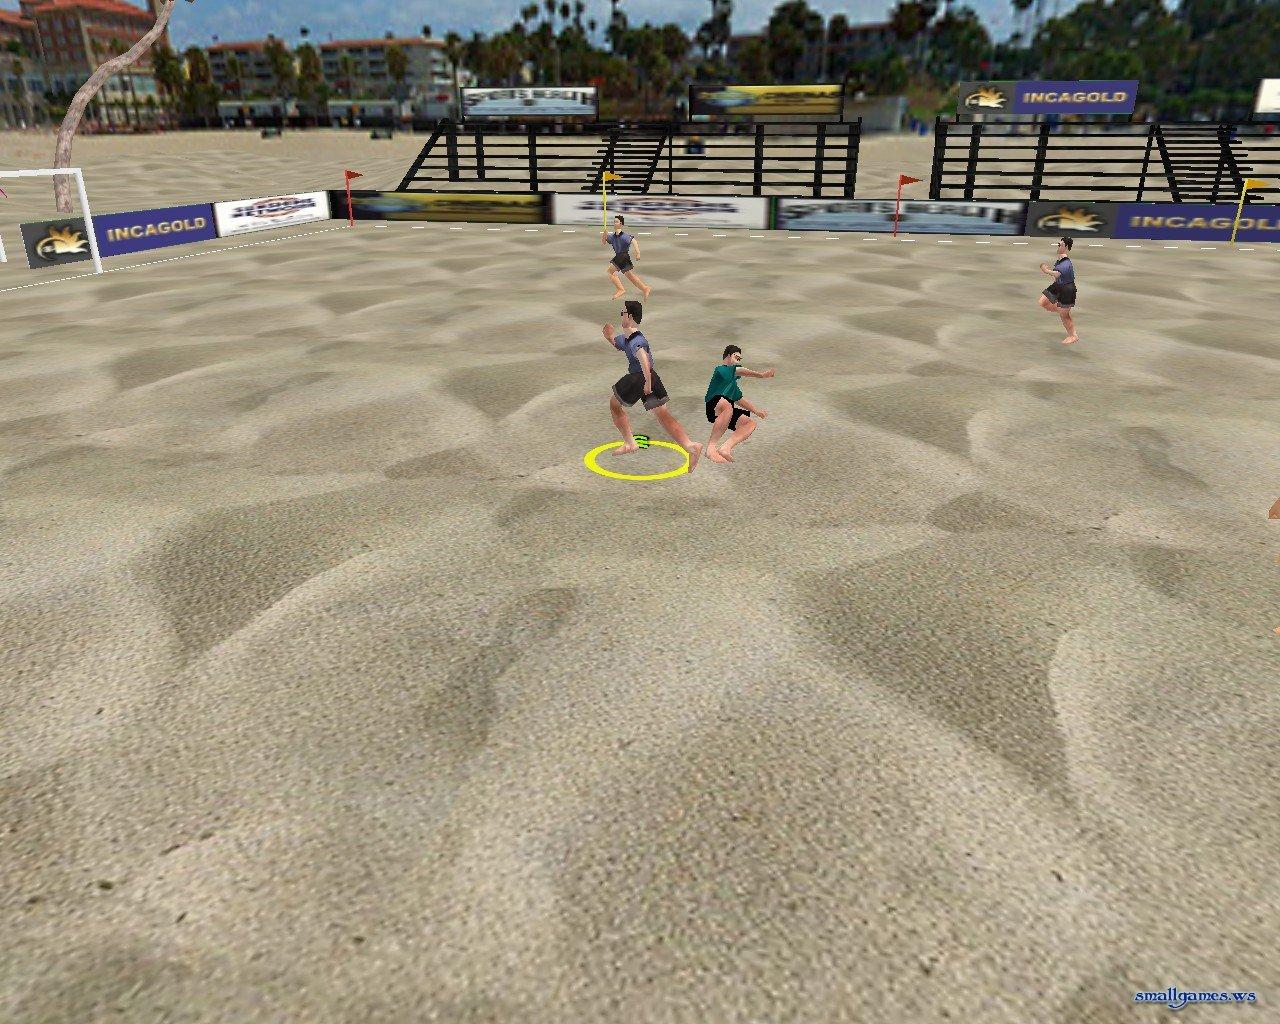 Пляжный футбол игра на компьютер скачать торрент